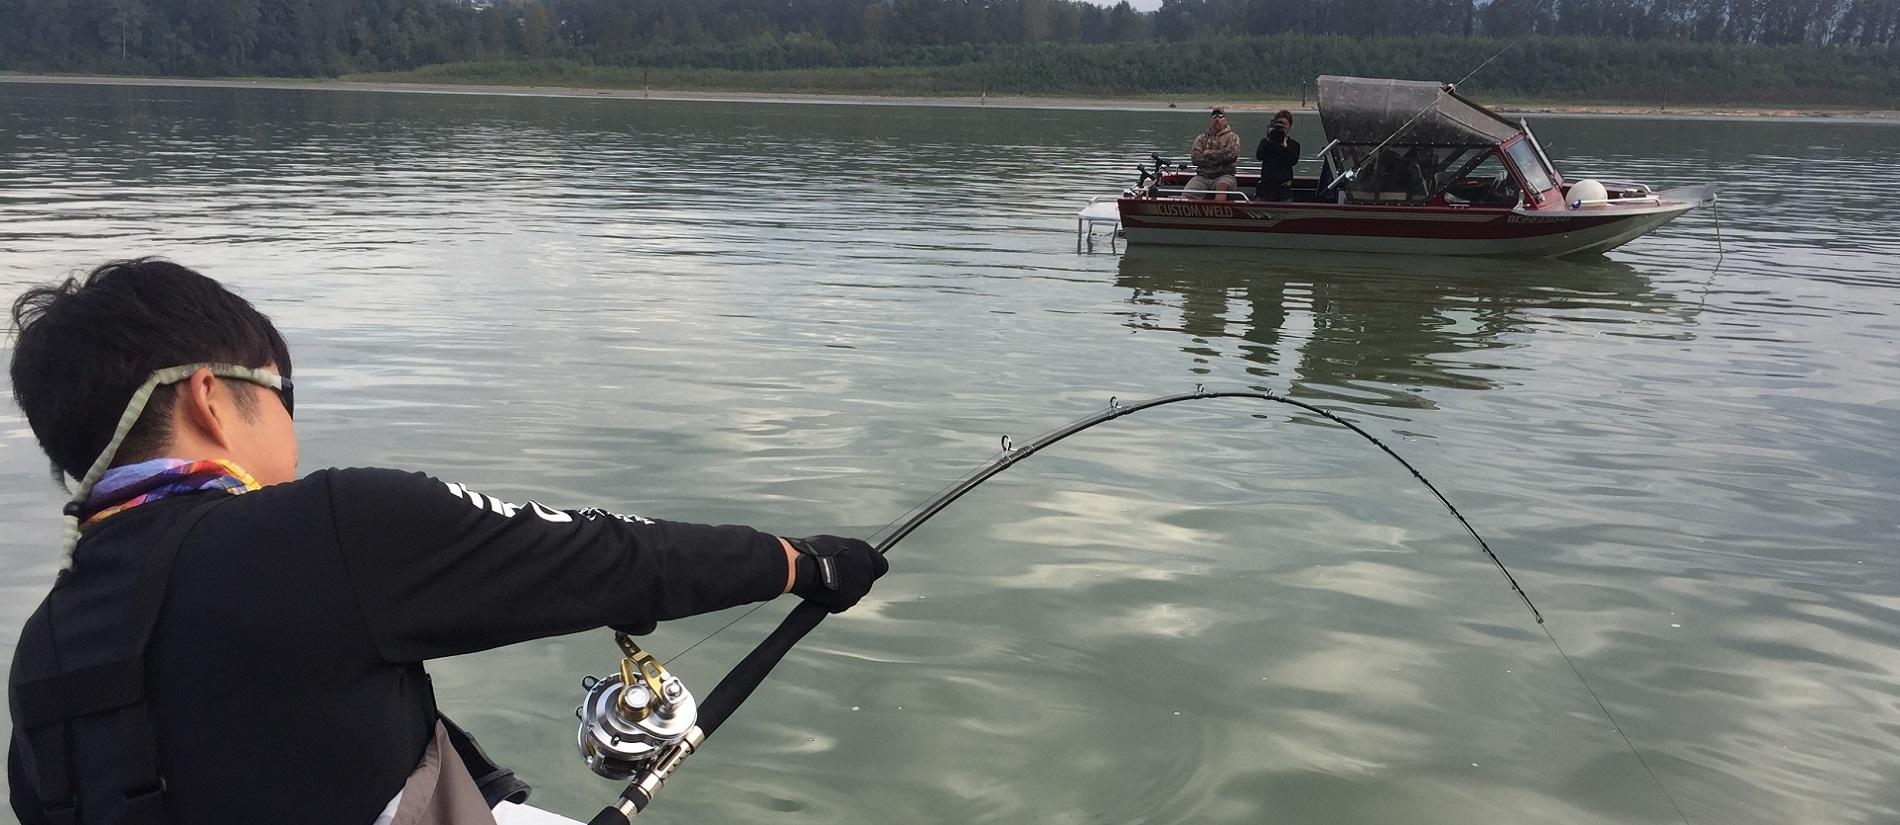 fishing blog, fishing articles, bc fishing, blog, fishing